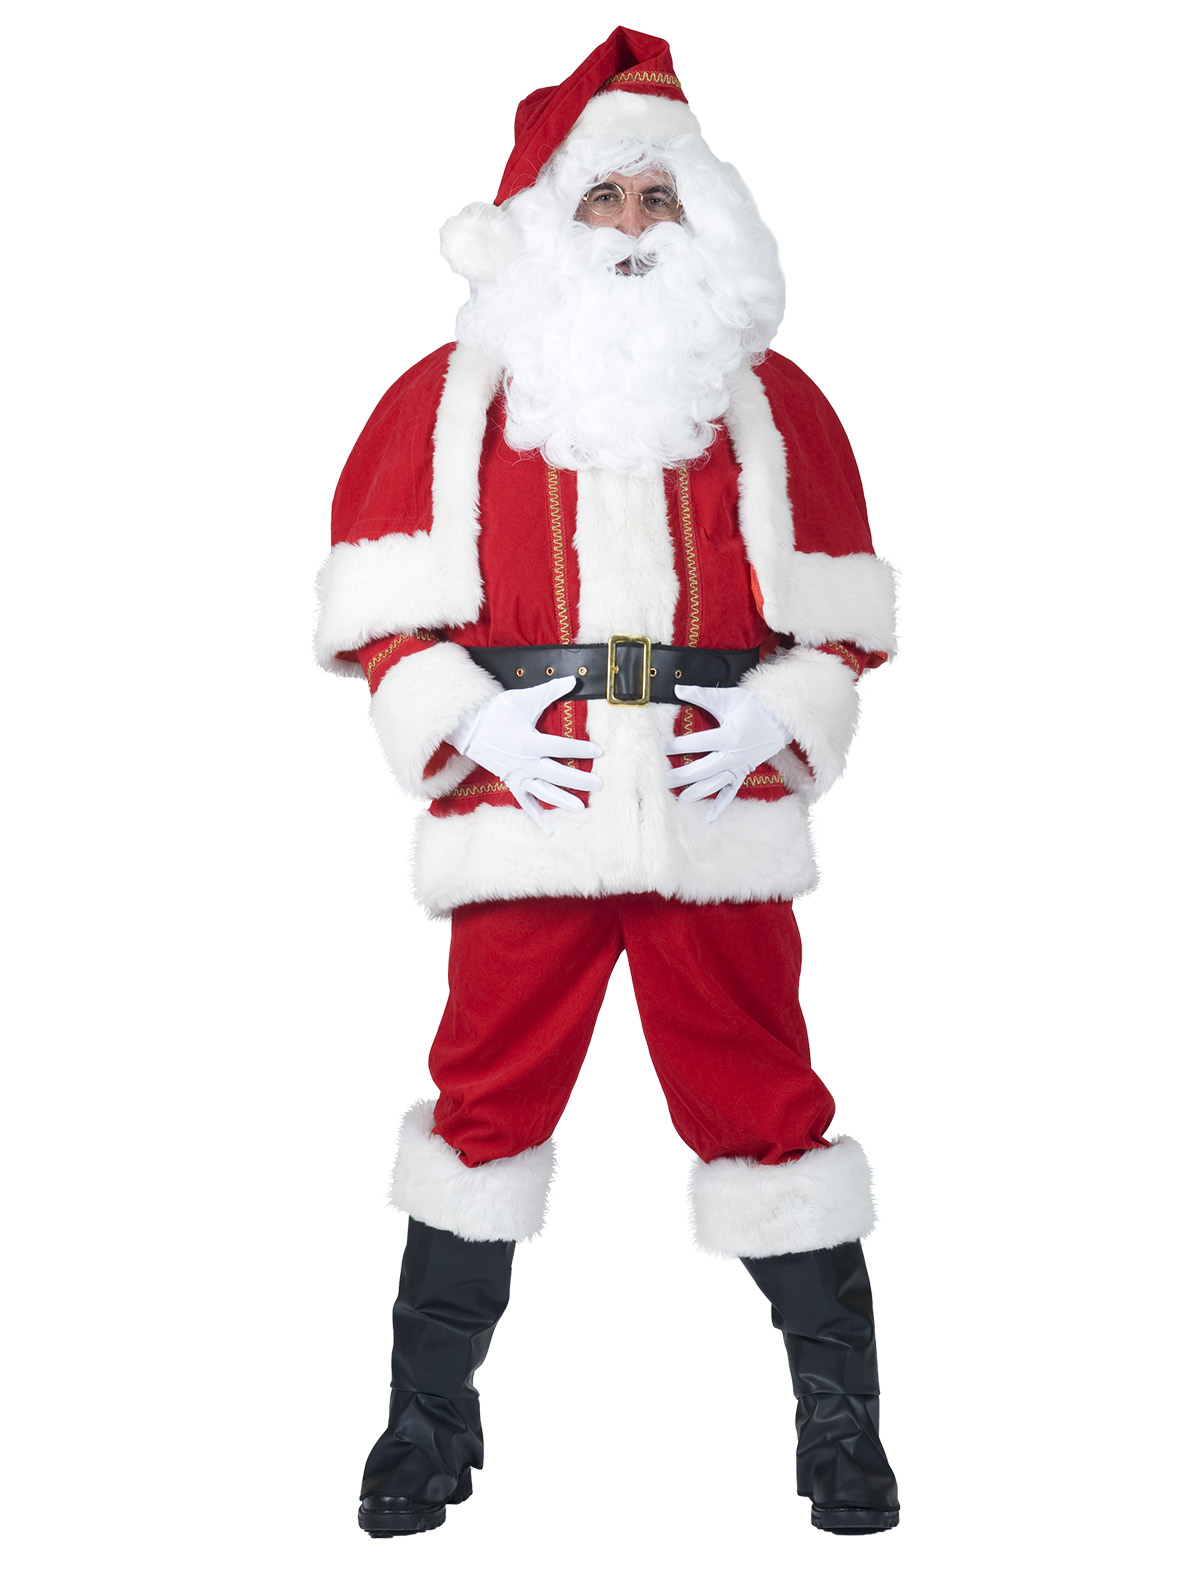 Weihnachtsmann Chris